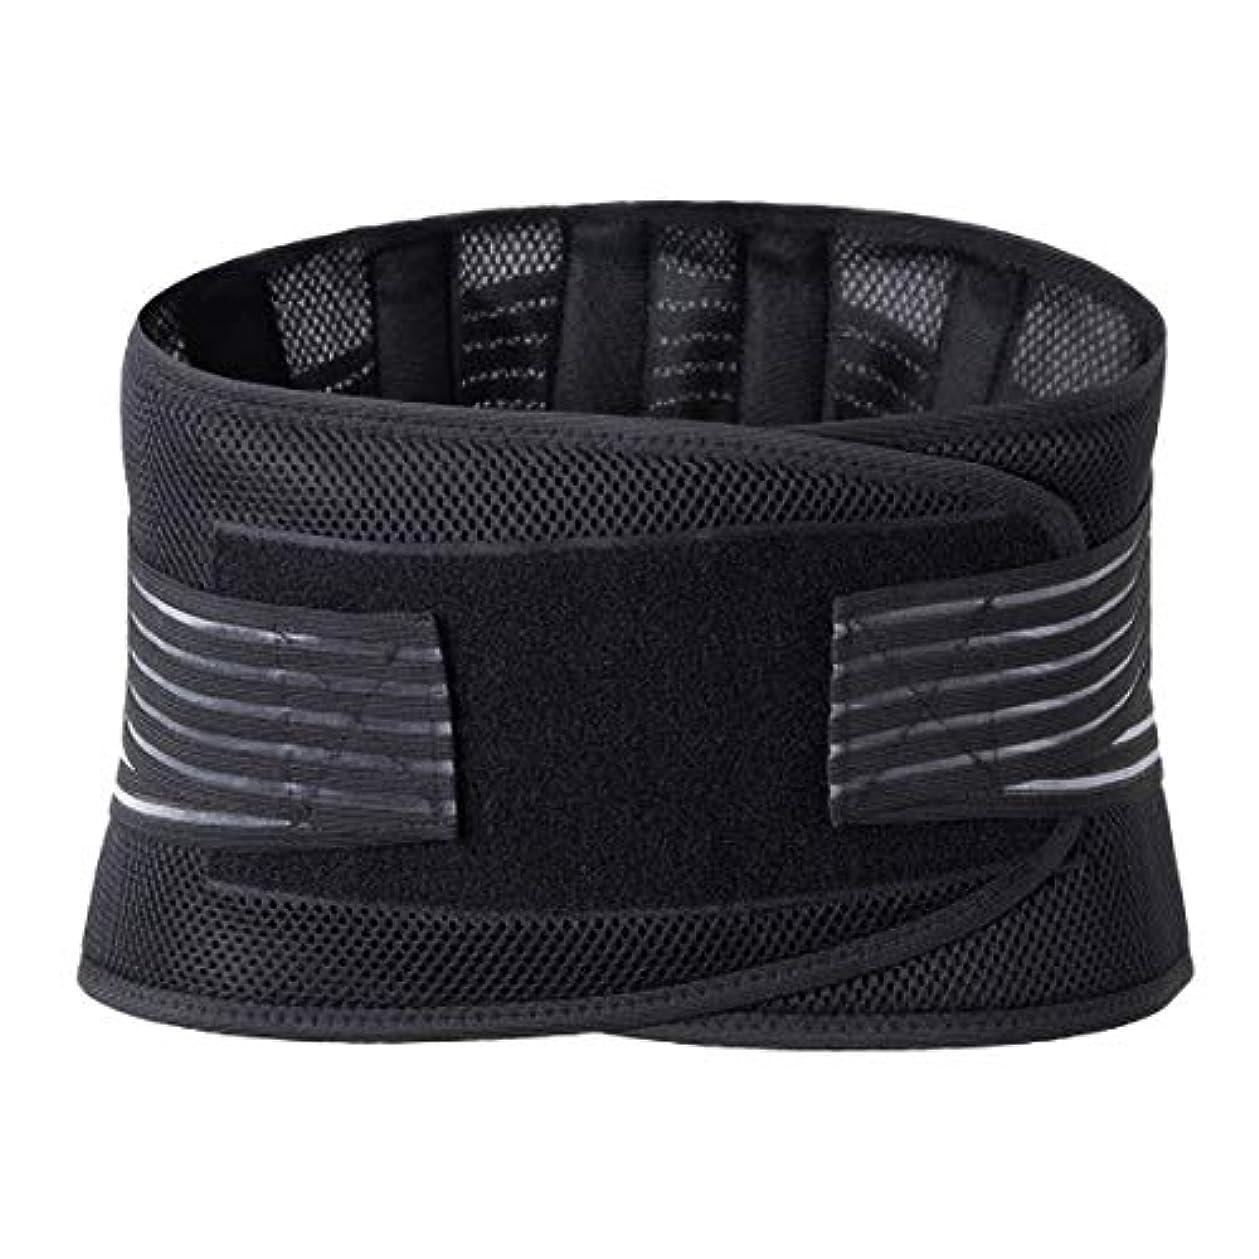 浸漬良心的原始的なランバーウエストサポートバックブレースベルトウエストサポートブレースフィットネススポーツ保護姿勢コレクター再構築 - ブラック